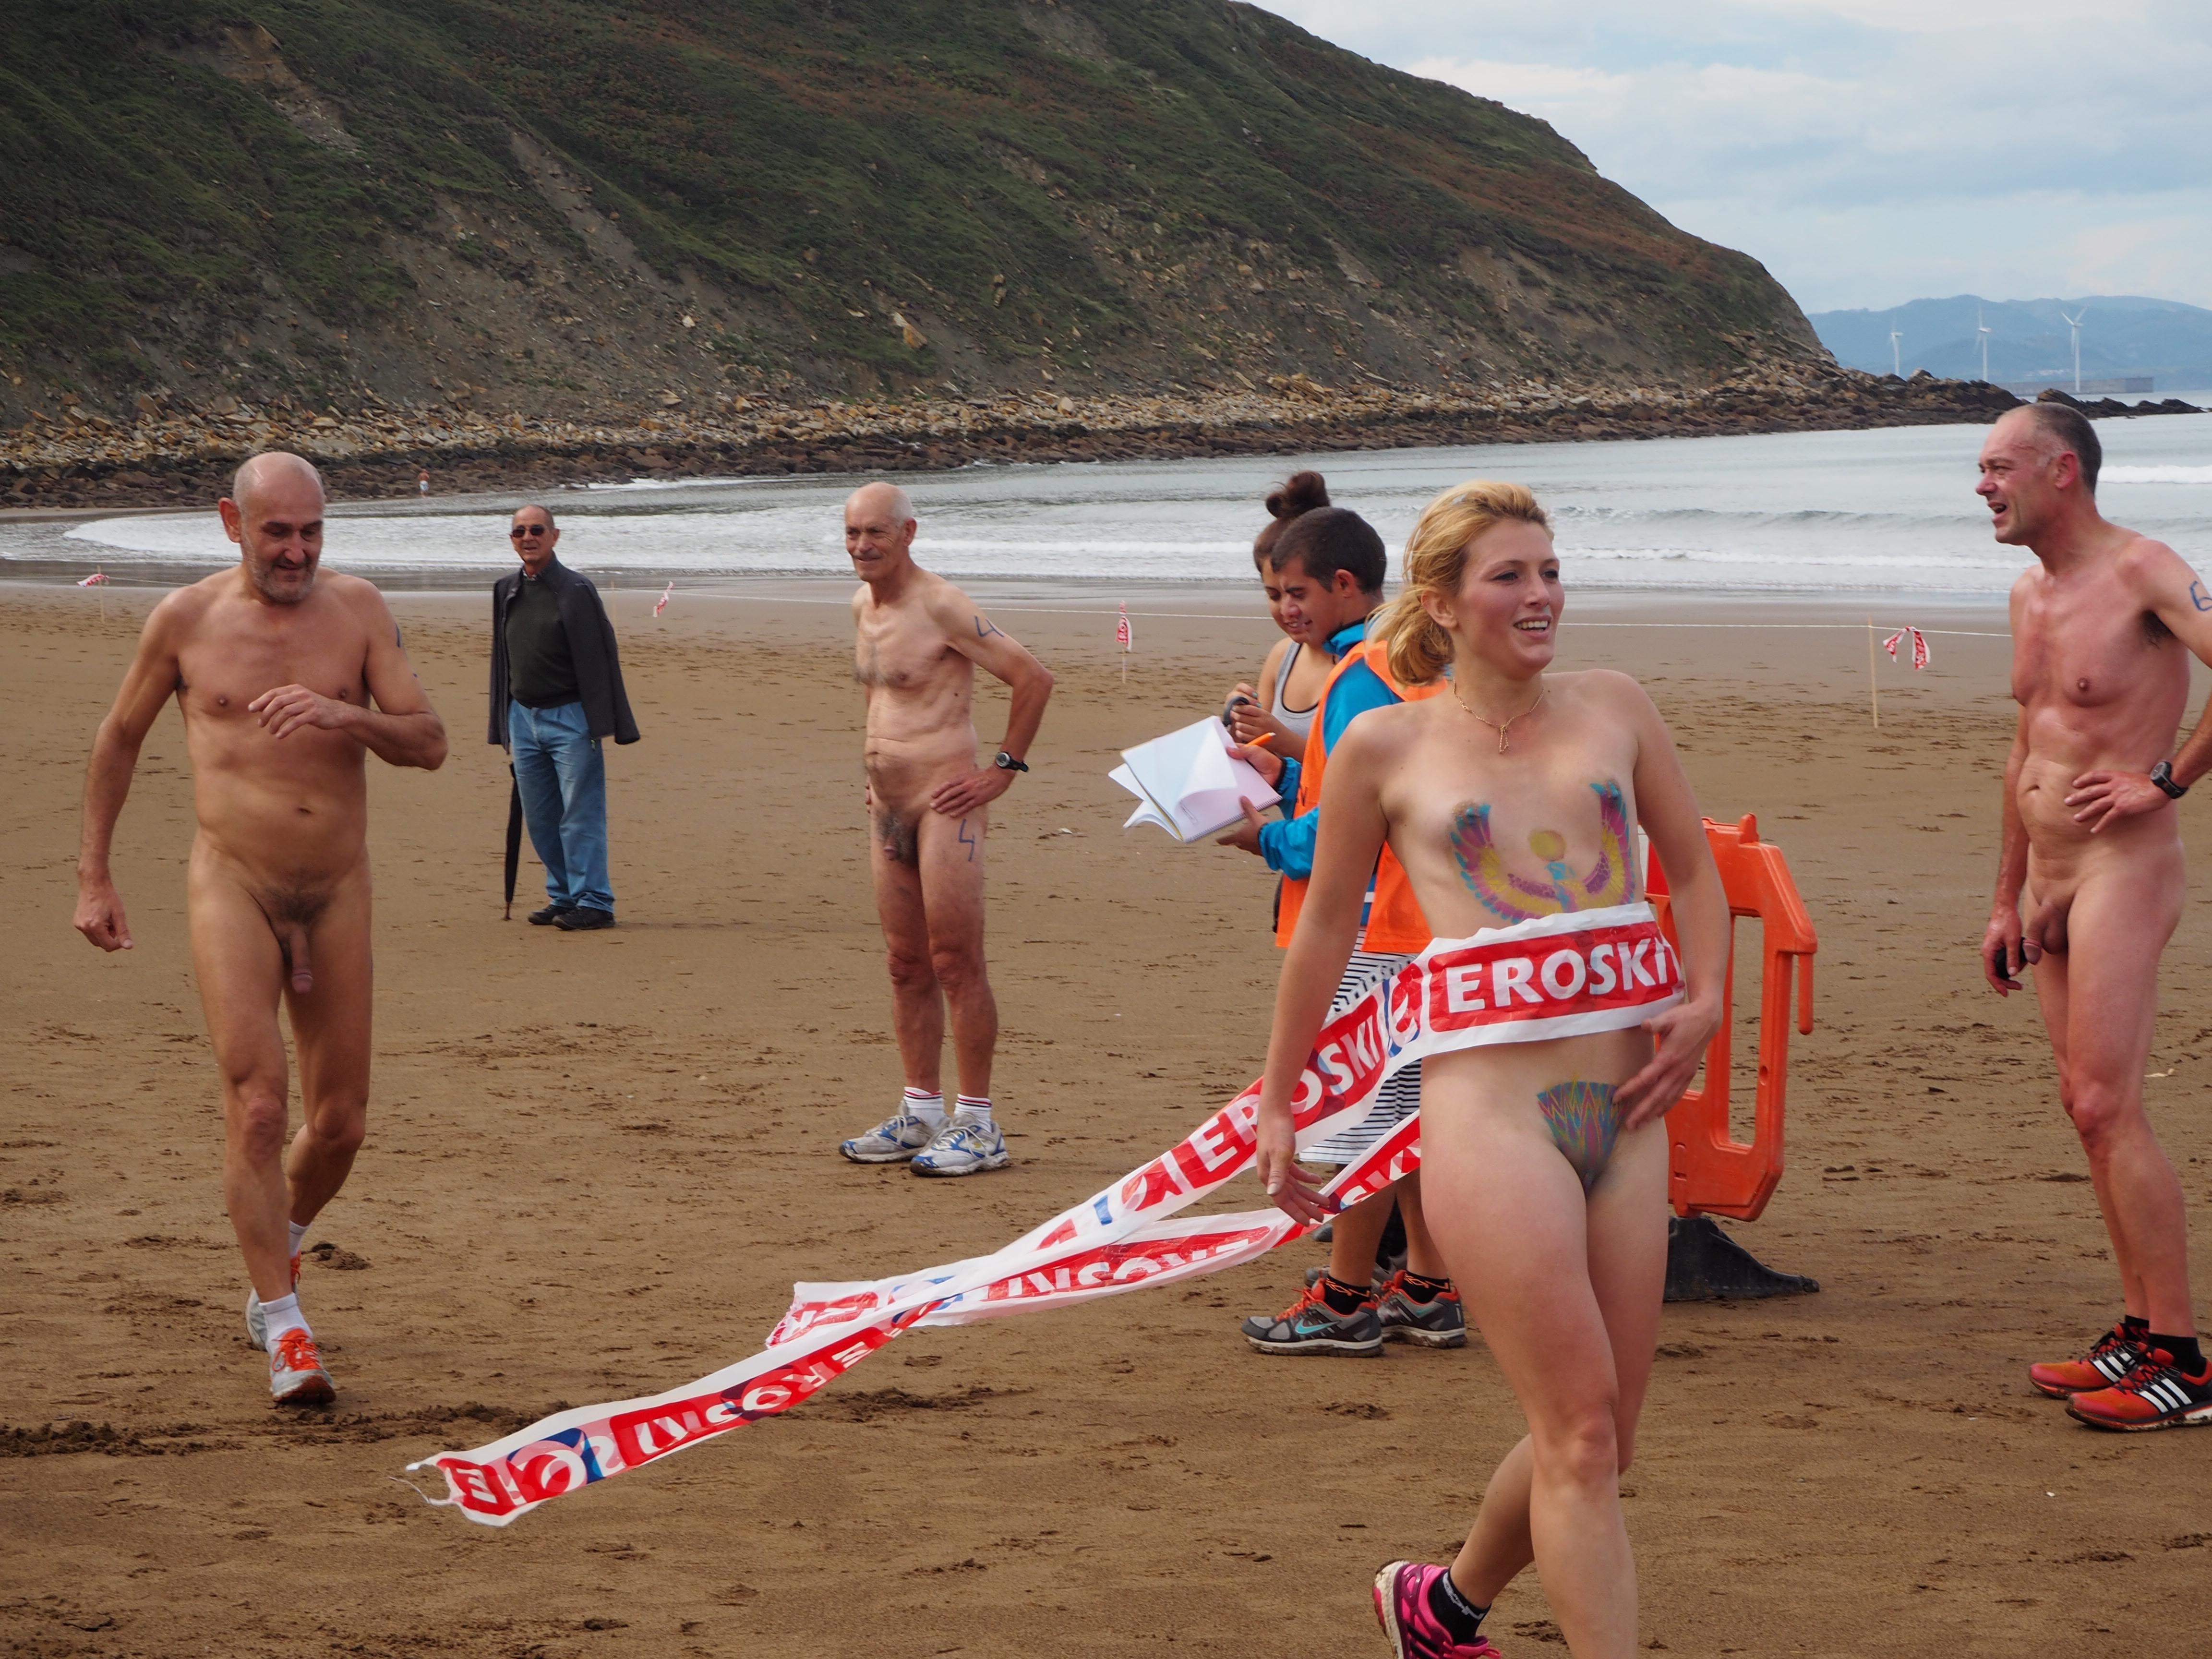 A la playa naturista en alicante - 4 3